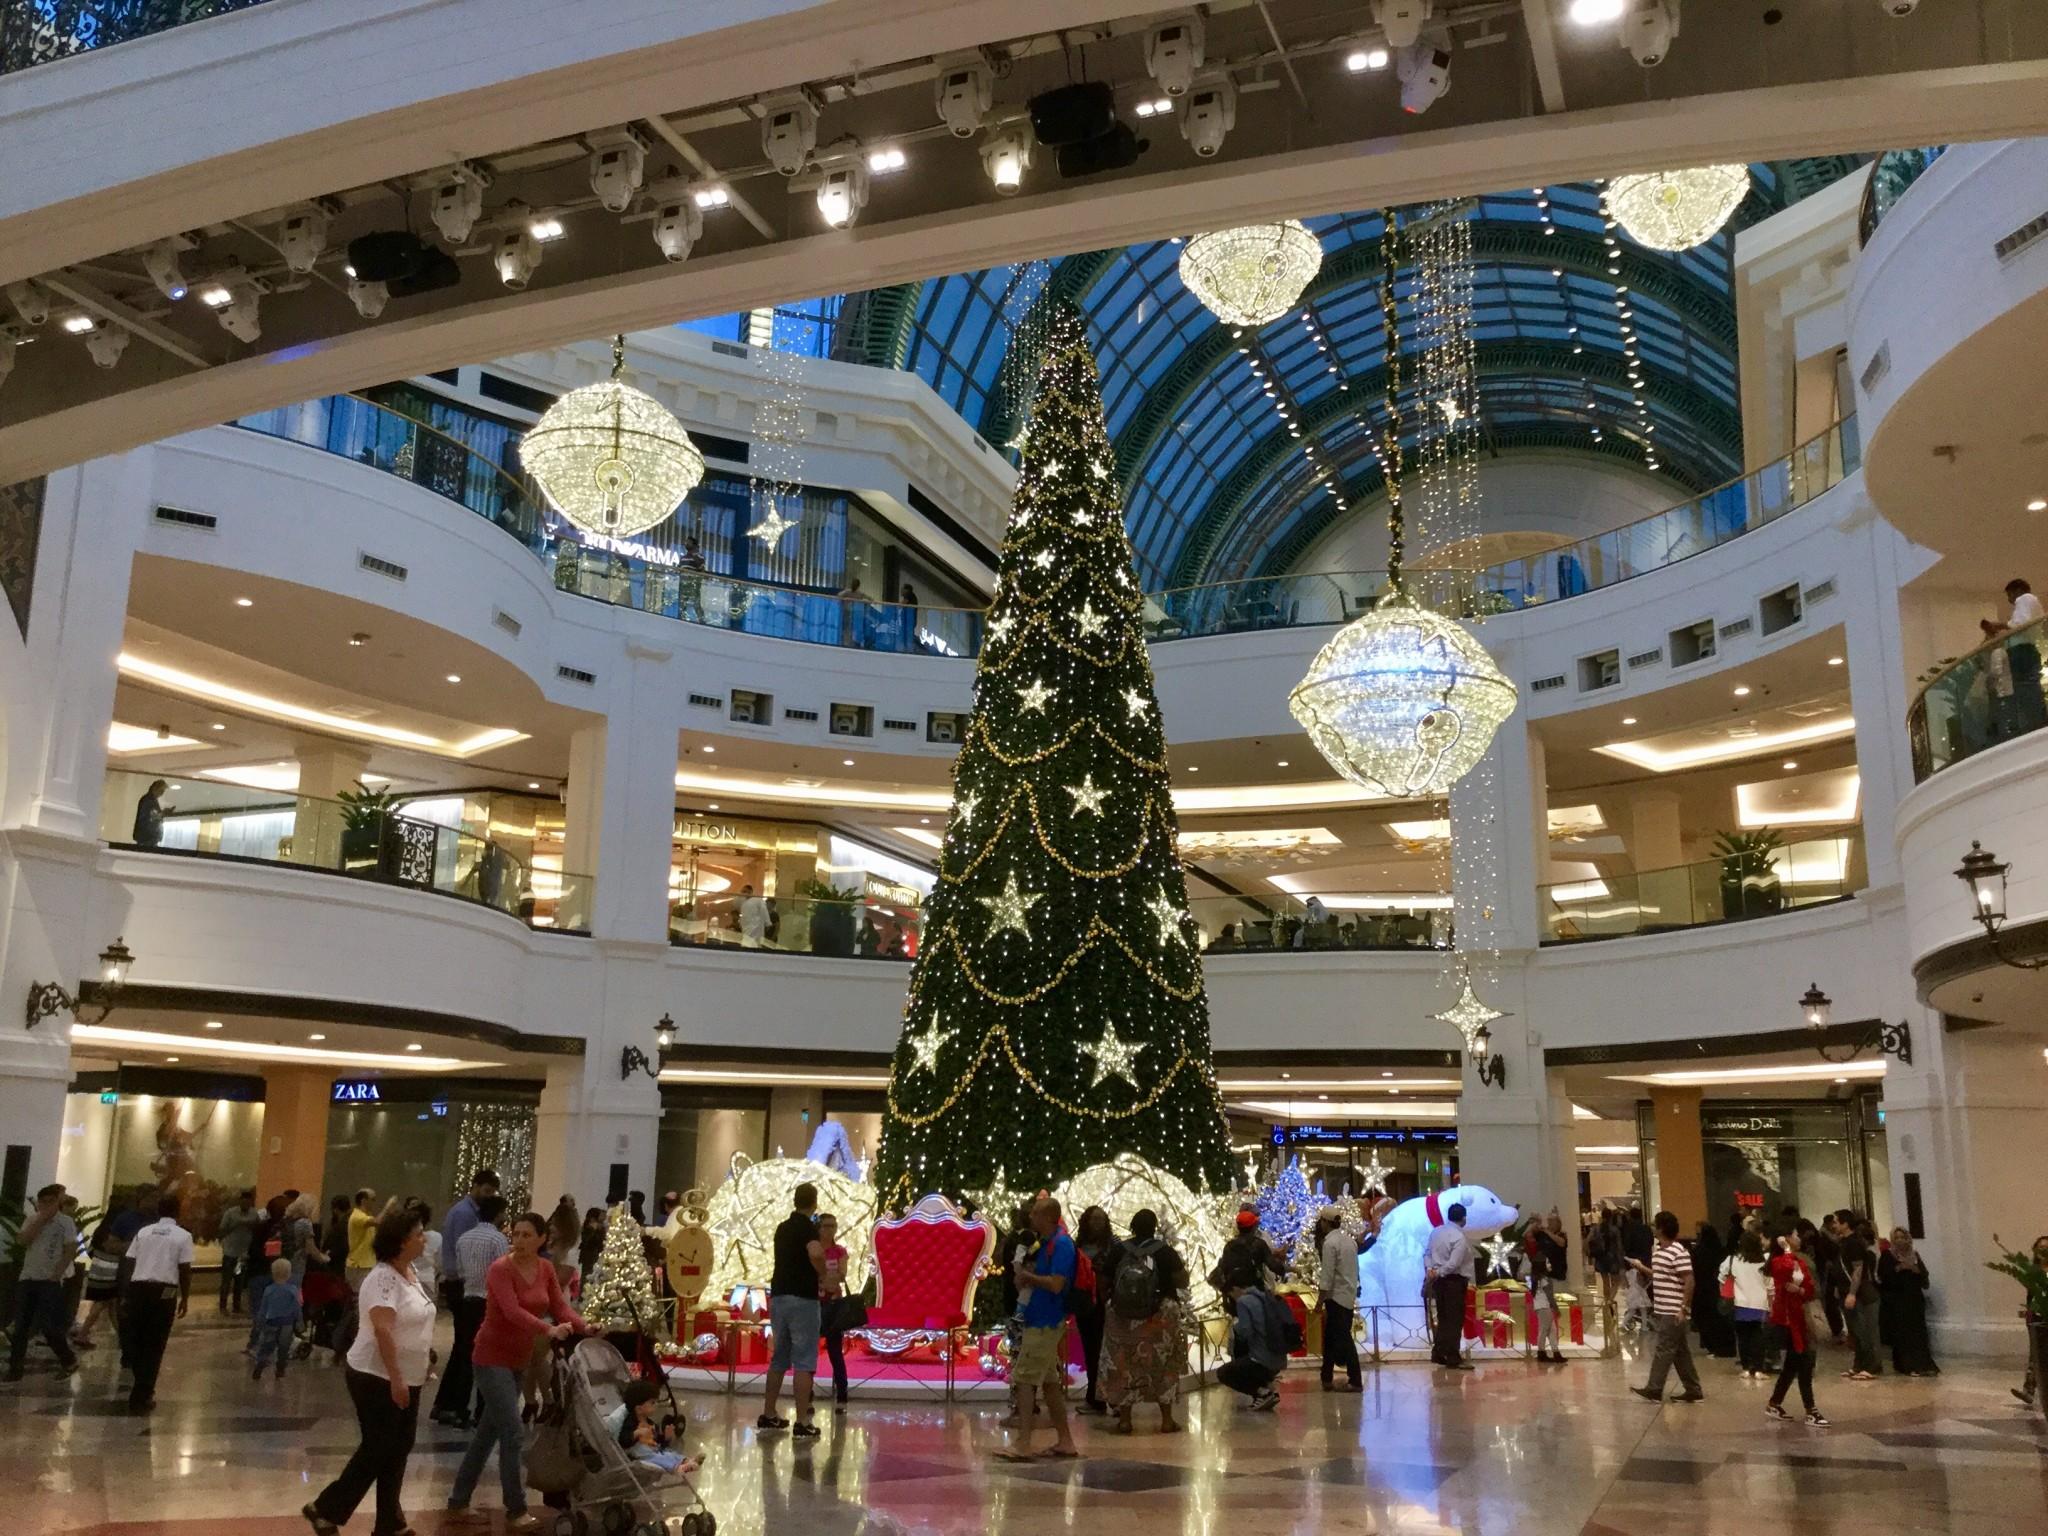 Lähestyvä joulu näkyy myös täällä. Tämä on saman ostarin sisäpuolelta.